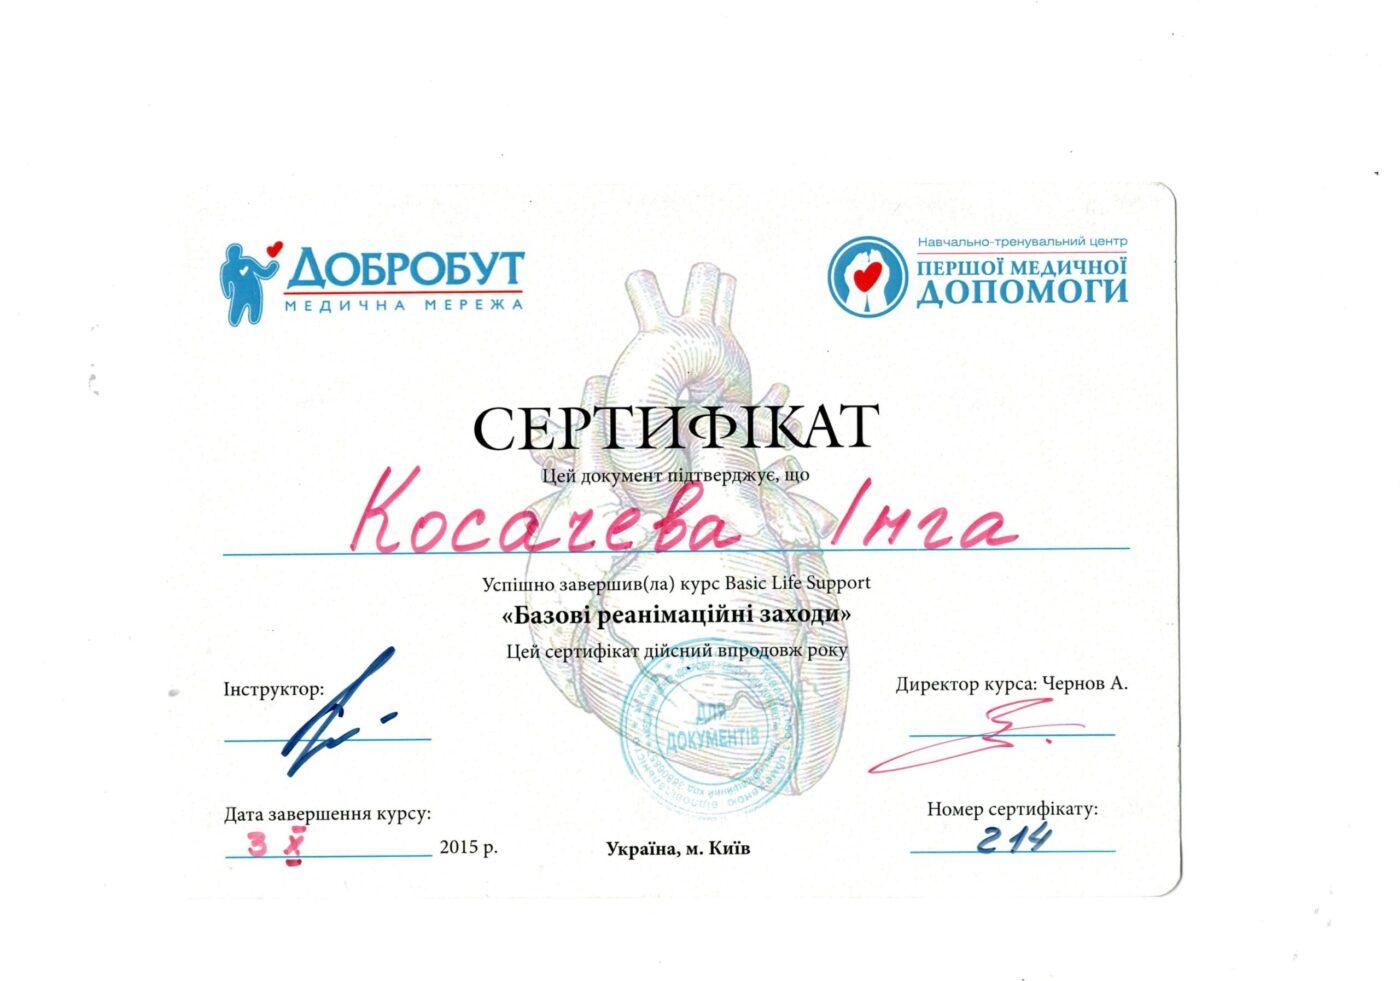 Сертификат подтверждающий участие Косачевой Инги в курсе - Базовые реанимационные действия